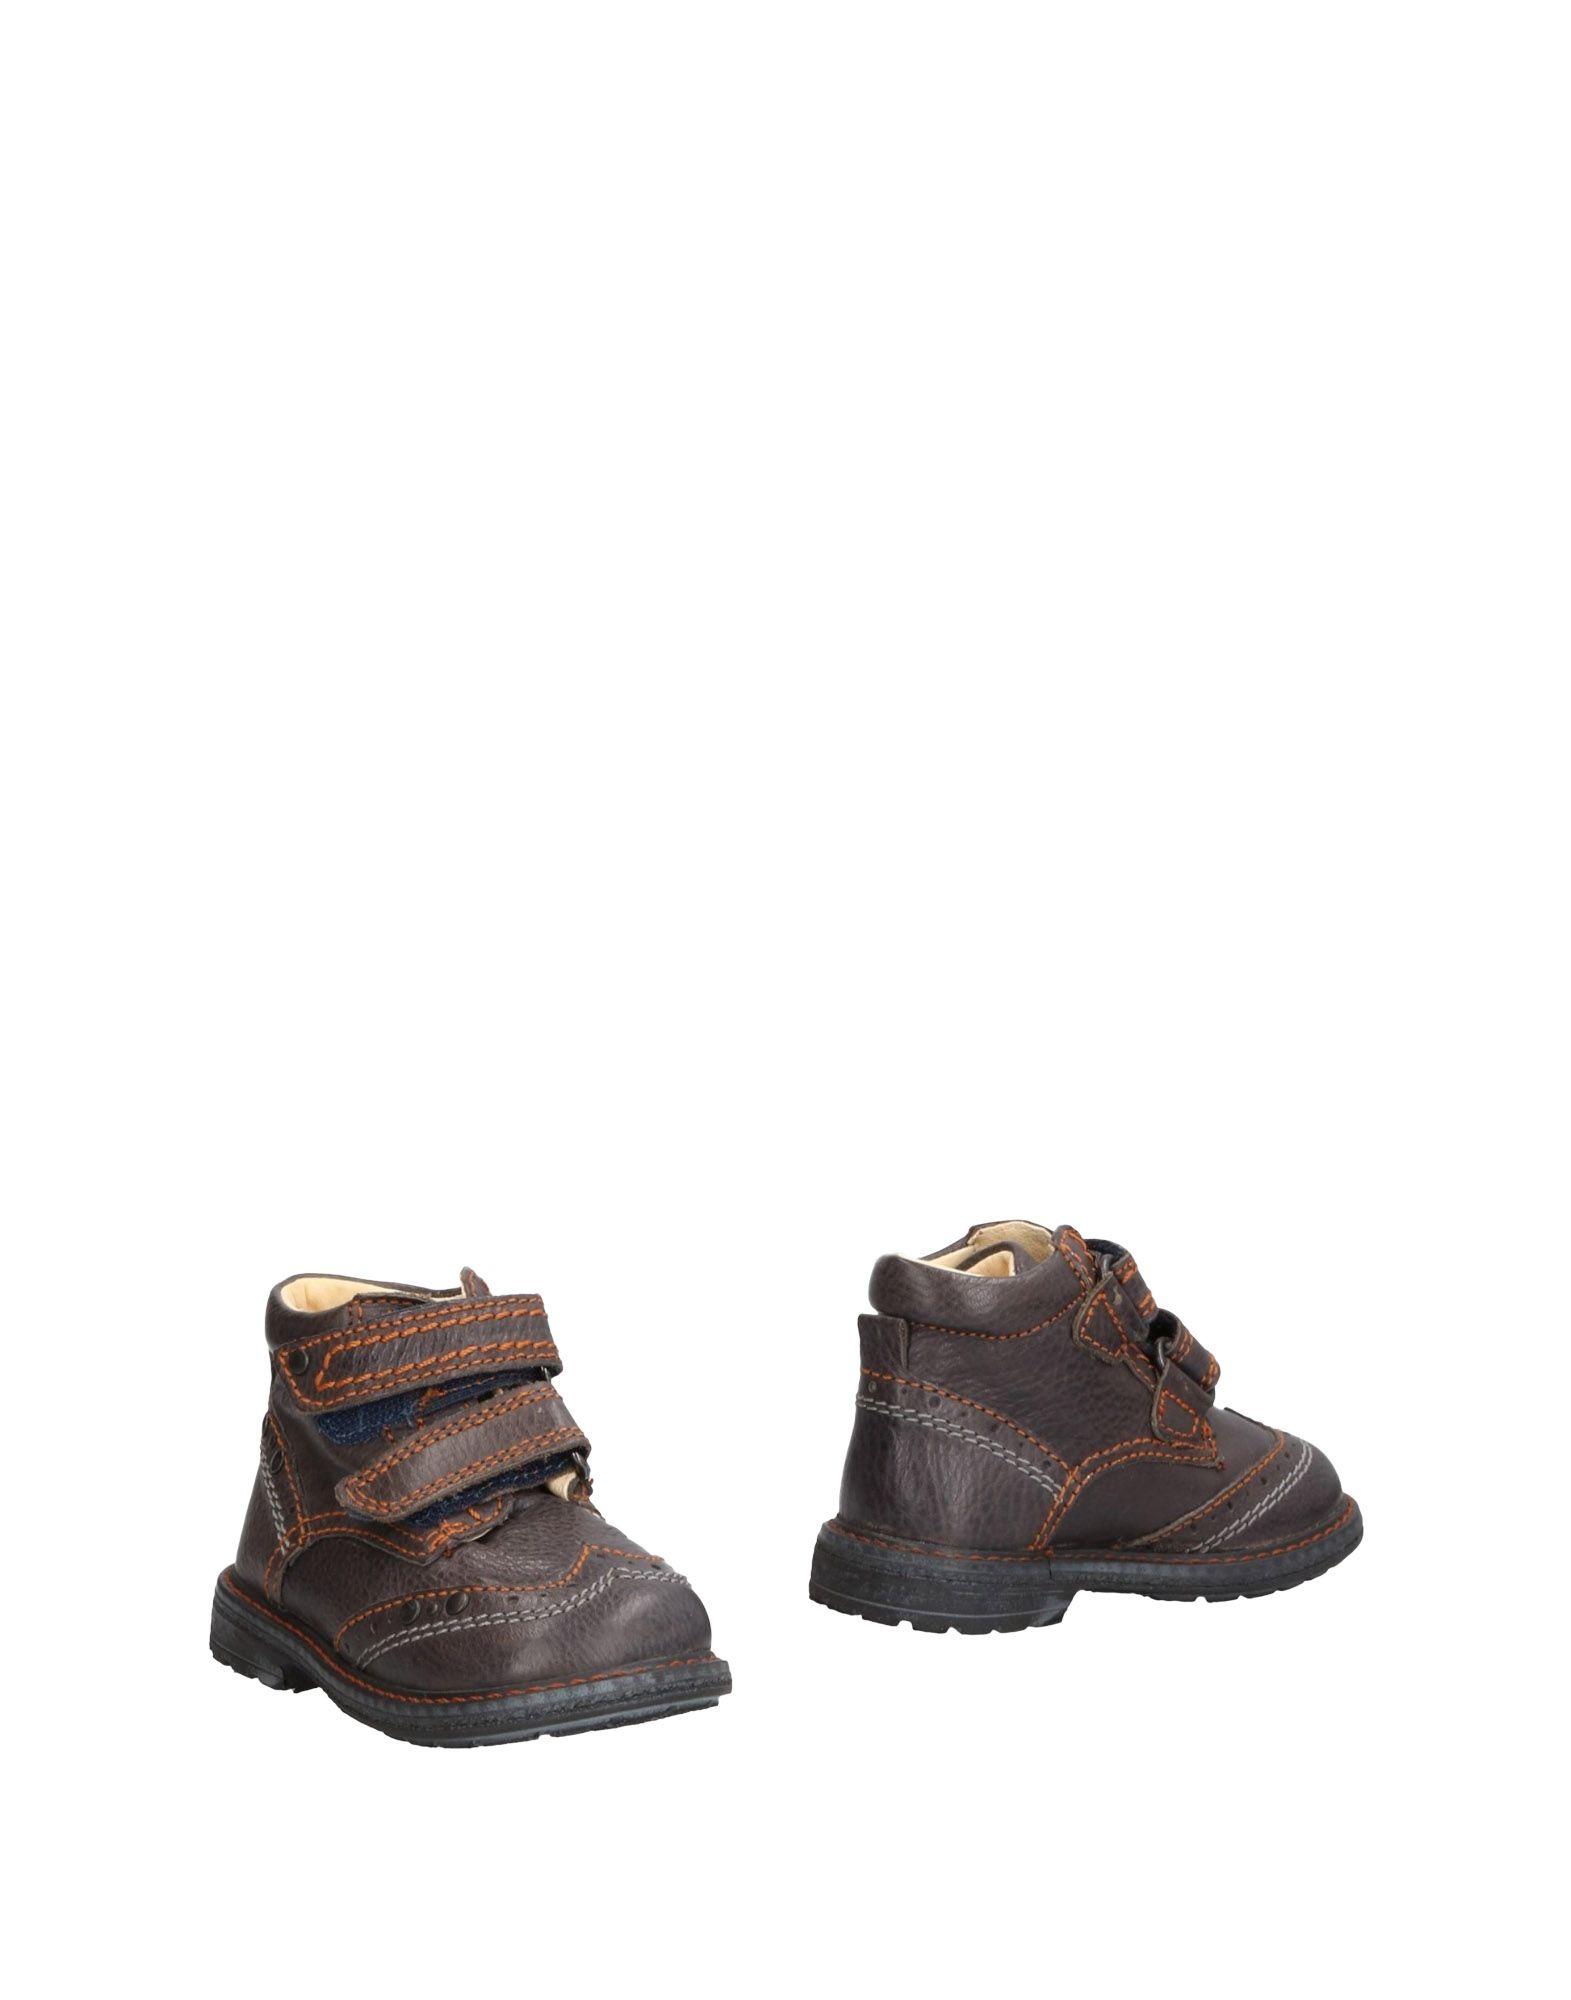 PRIMIGI Полусапоги и высокие ботинки туфли primigi nature shoes туфли